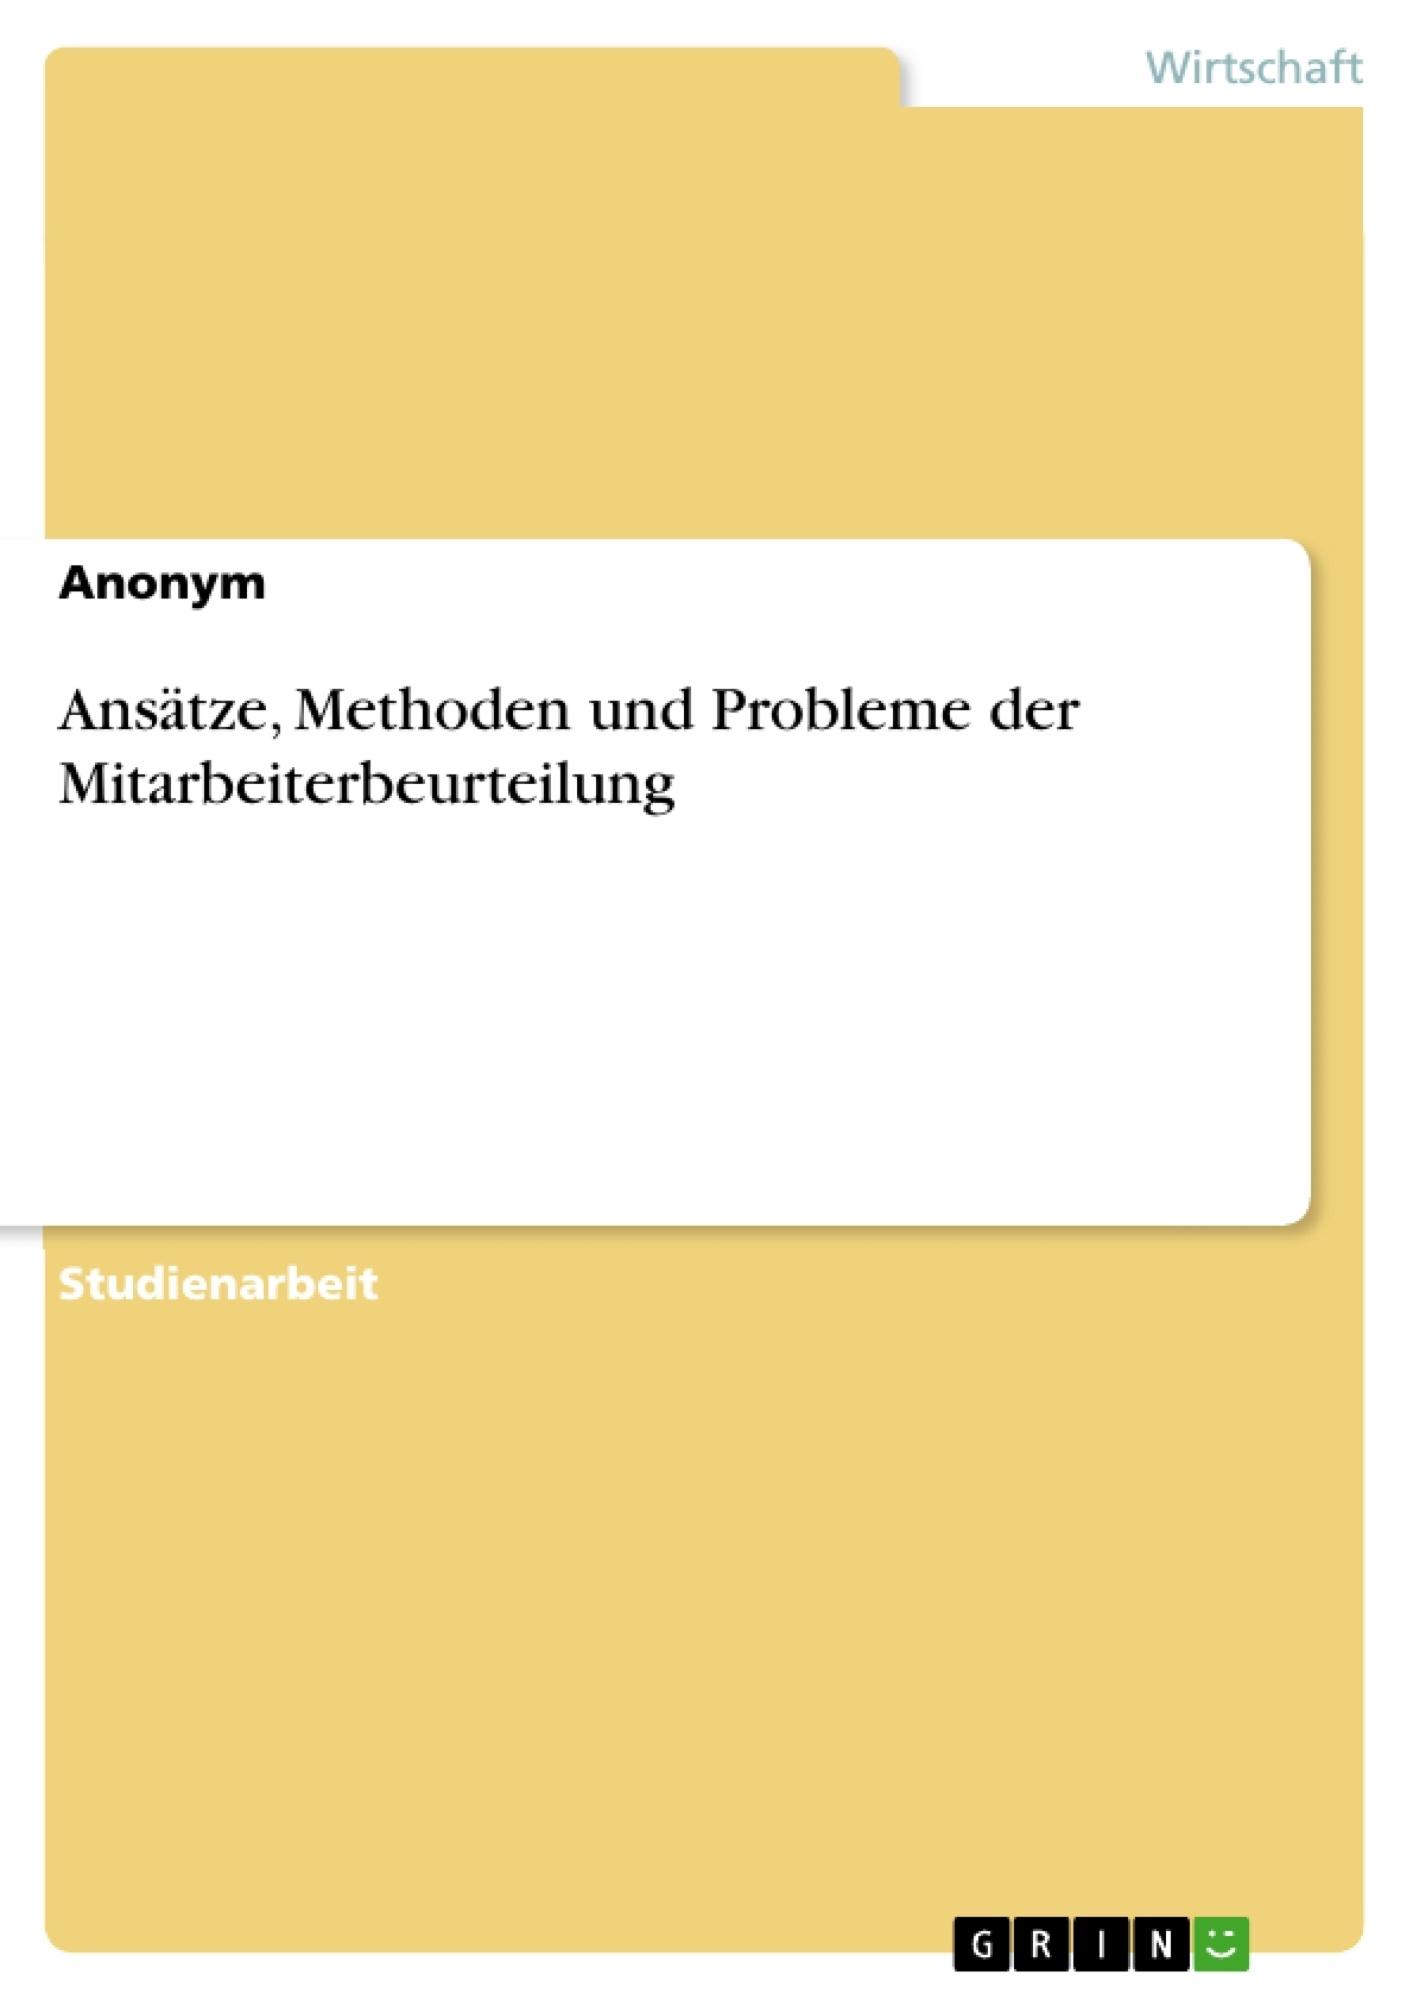 Titel: Ansätze, Methoden und Probleme der Mitarbeiterbeurteilung